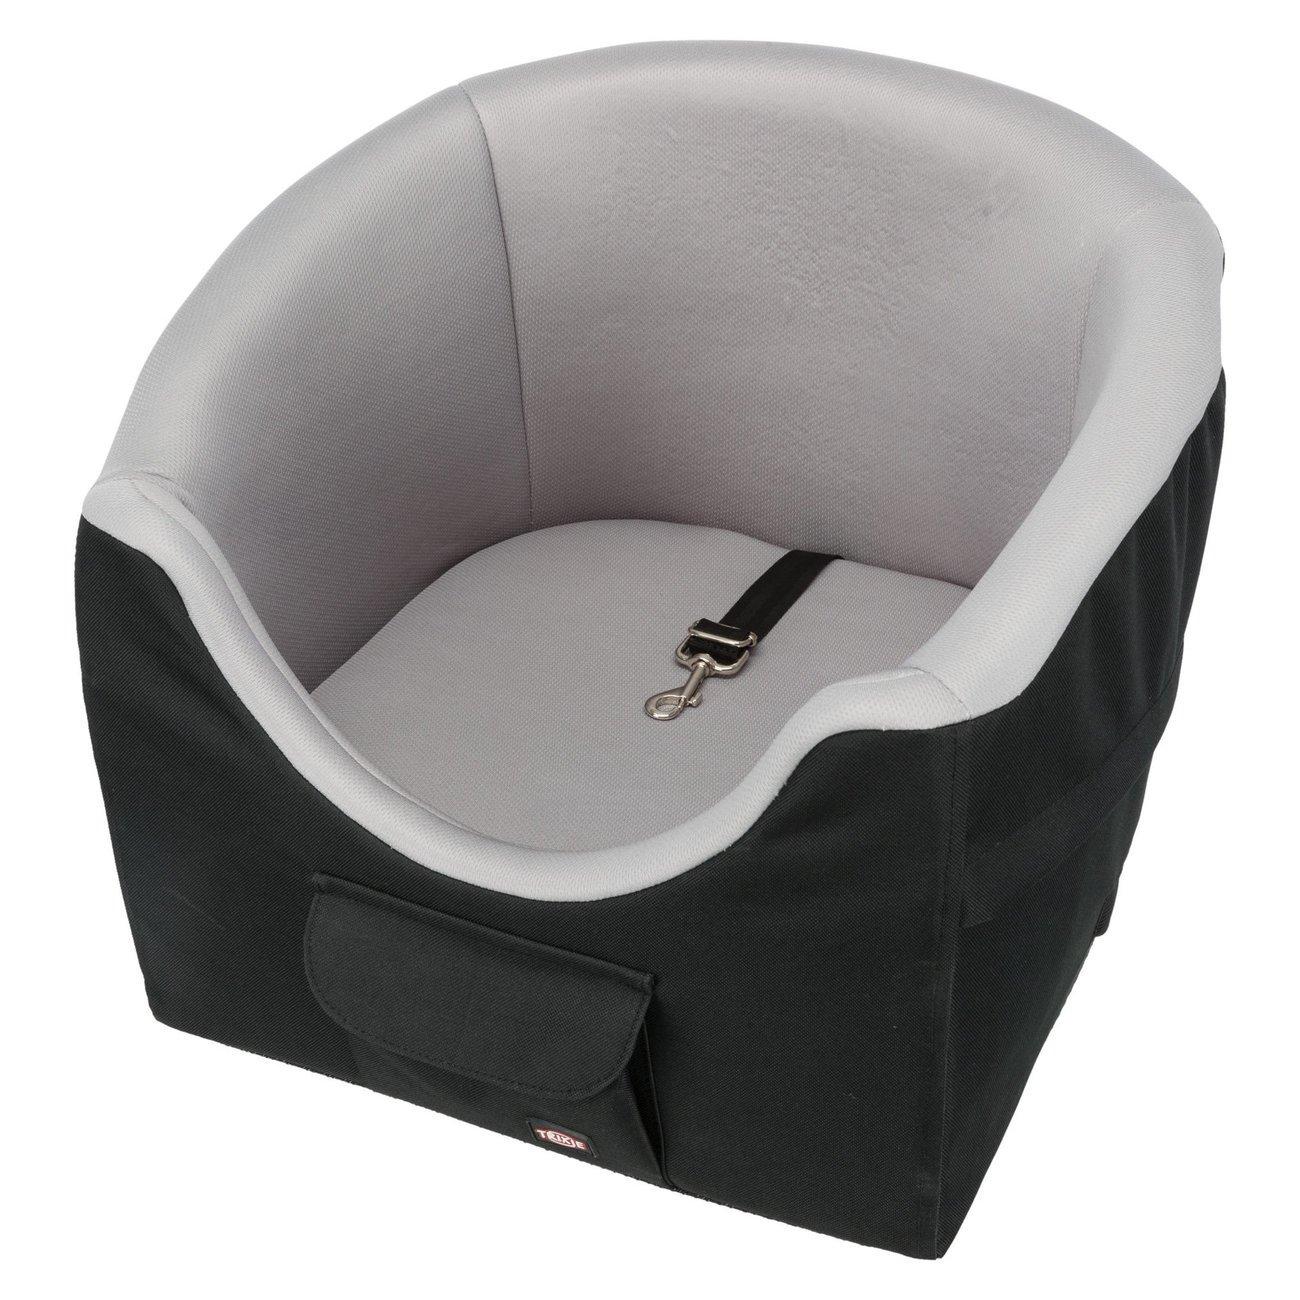 TRIXIE Autositz für kleine Hunde bis 8 kg 13176, Bild 3